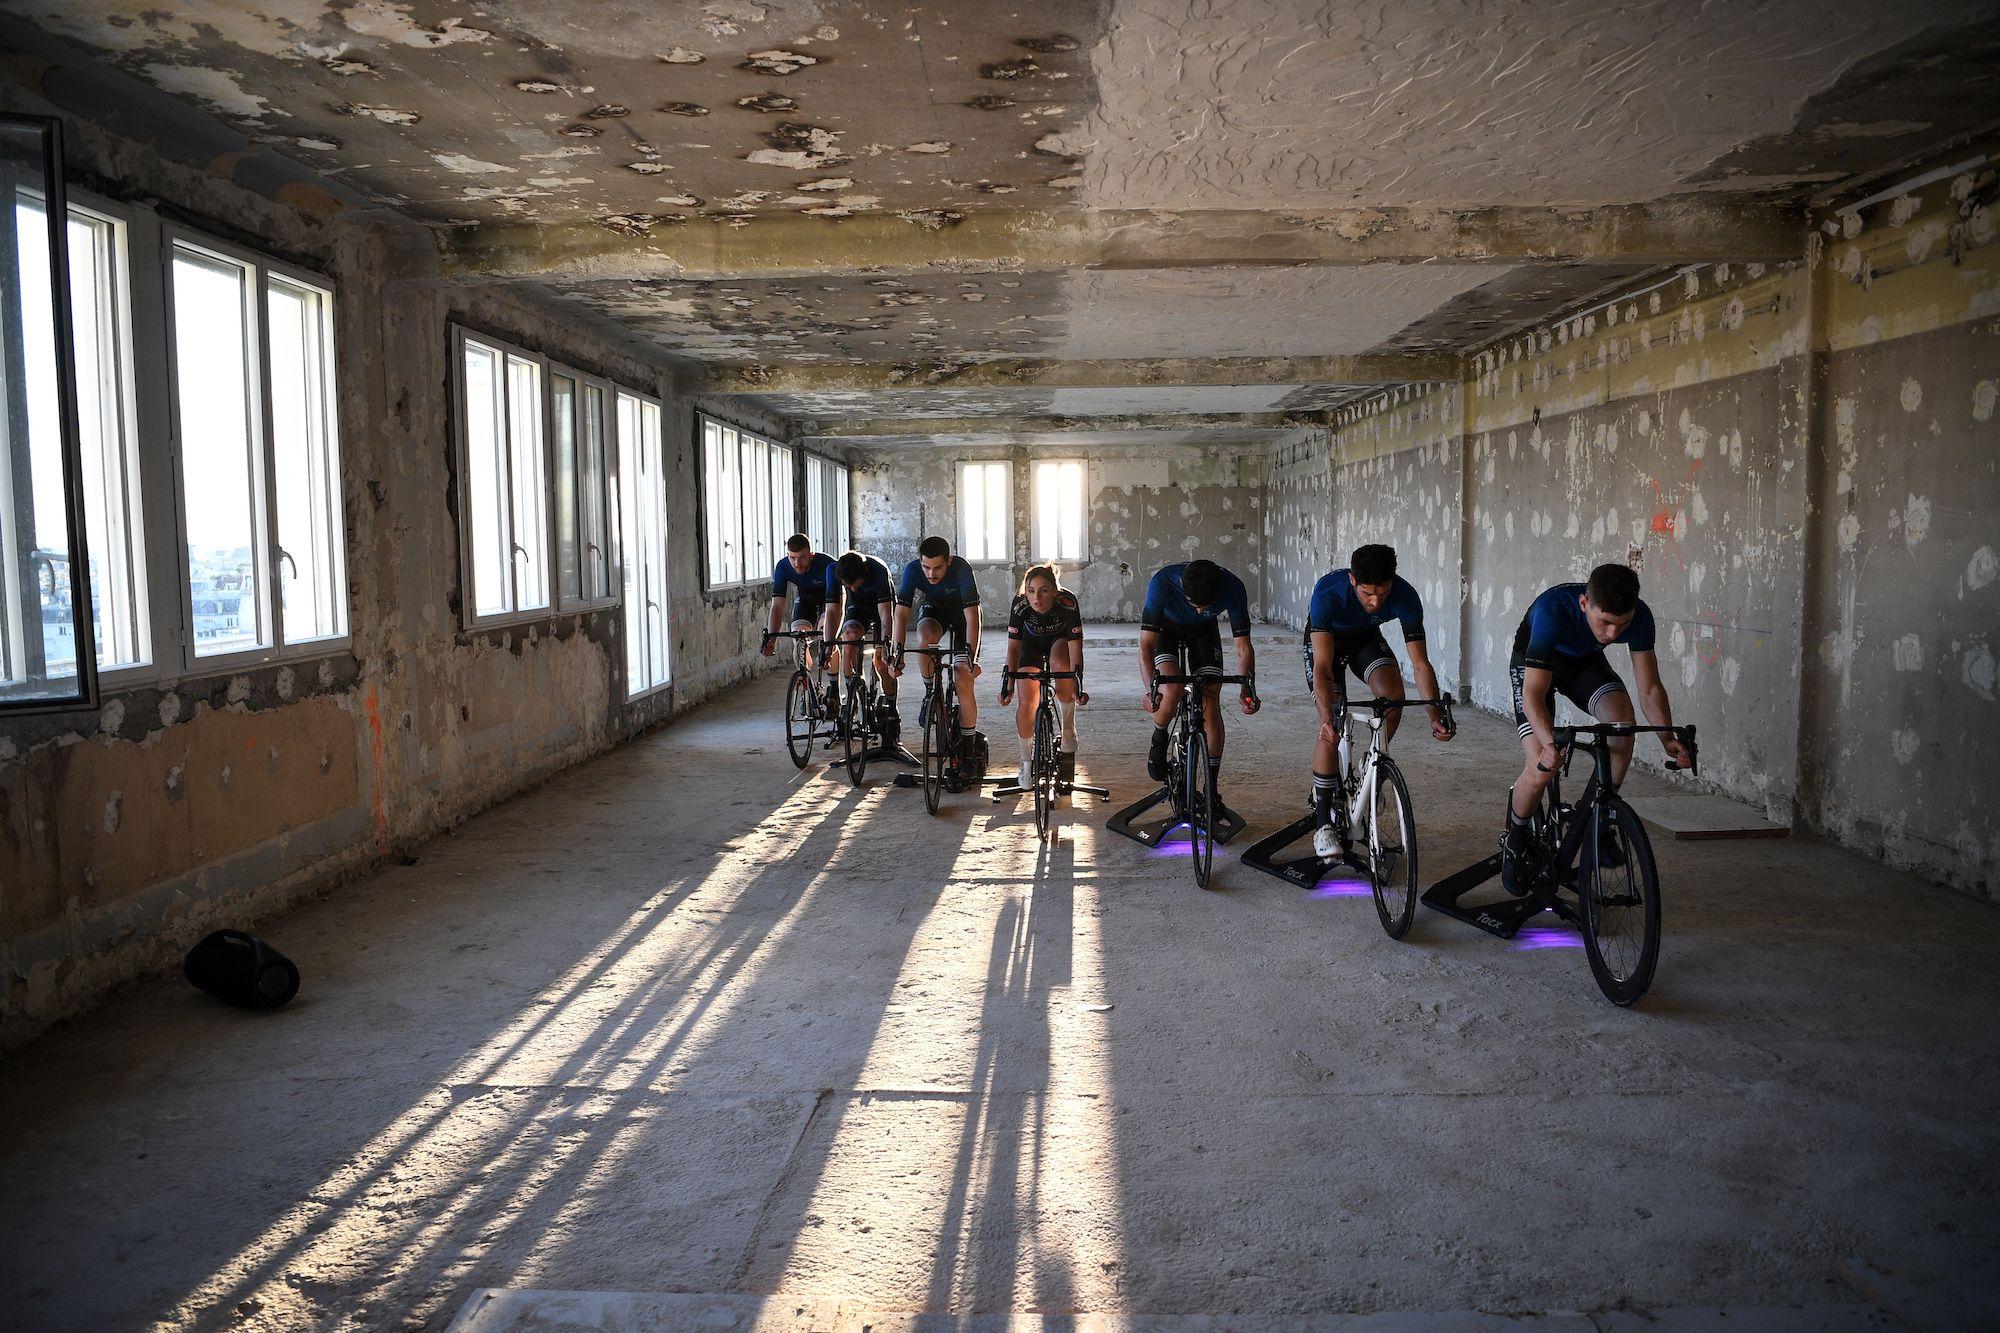 Det første nogensinde e-cykelteam for fanger lanceres